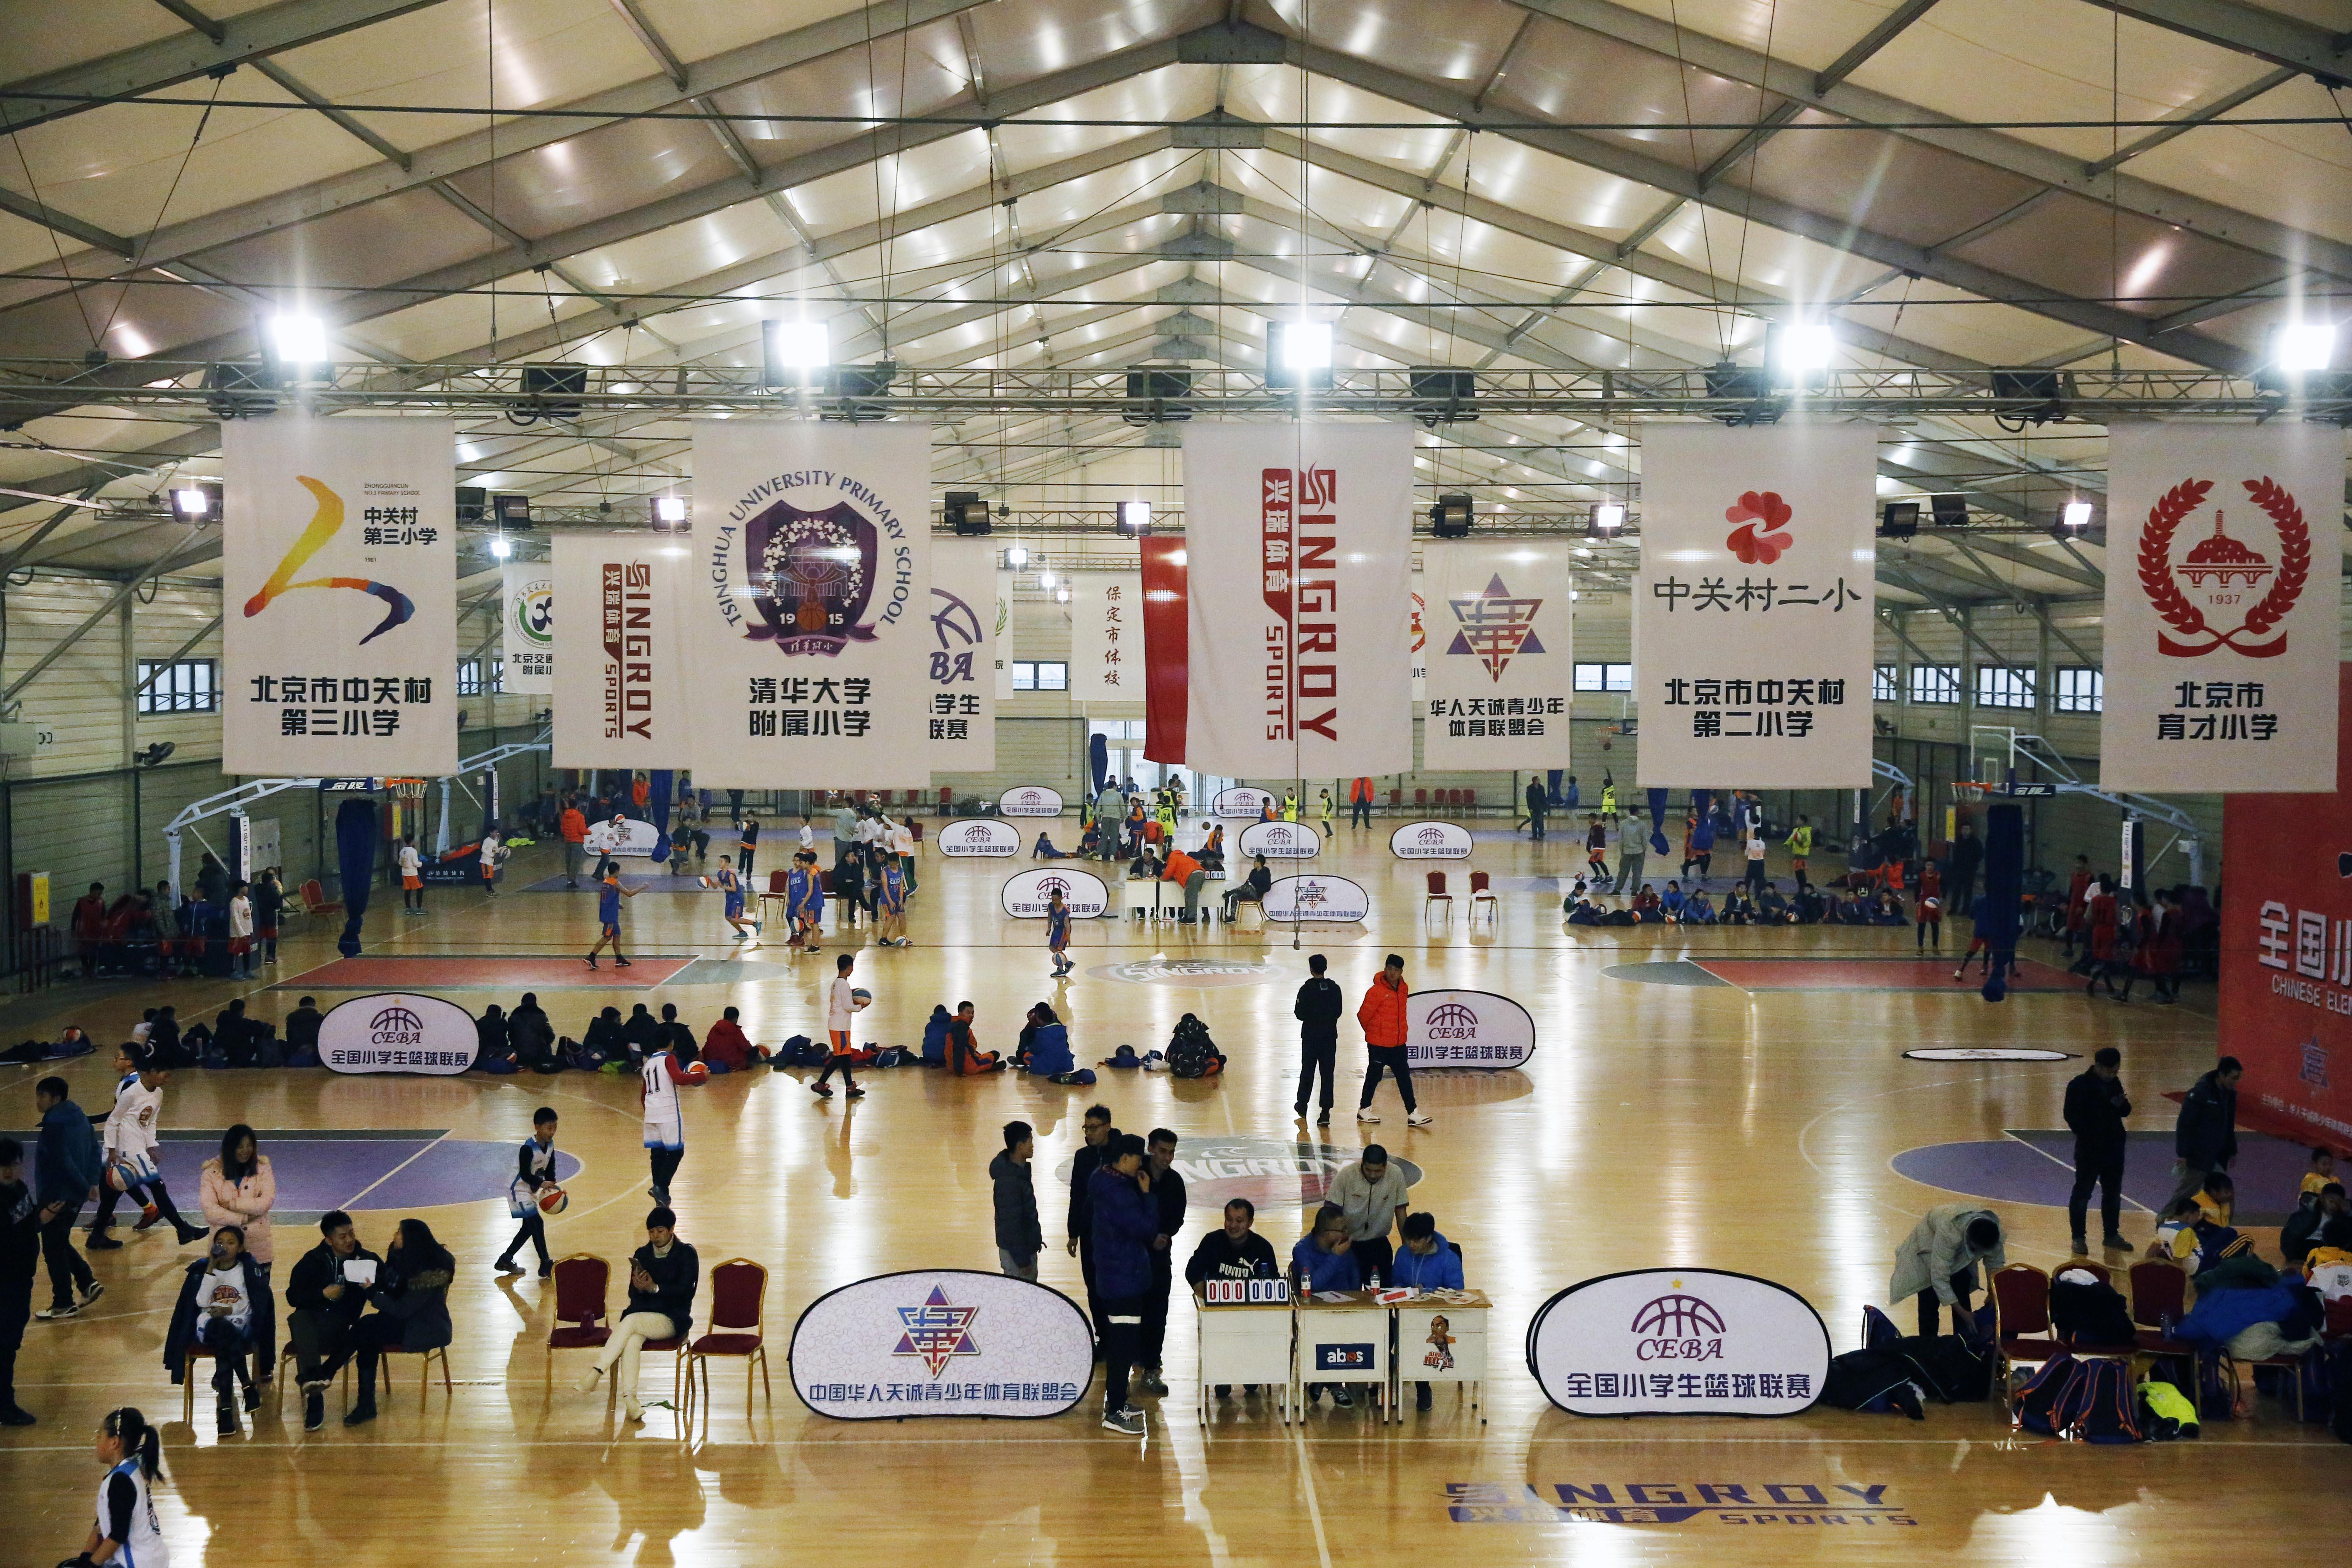 2017全国小学生篮球联赛在太原开幕